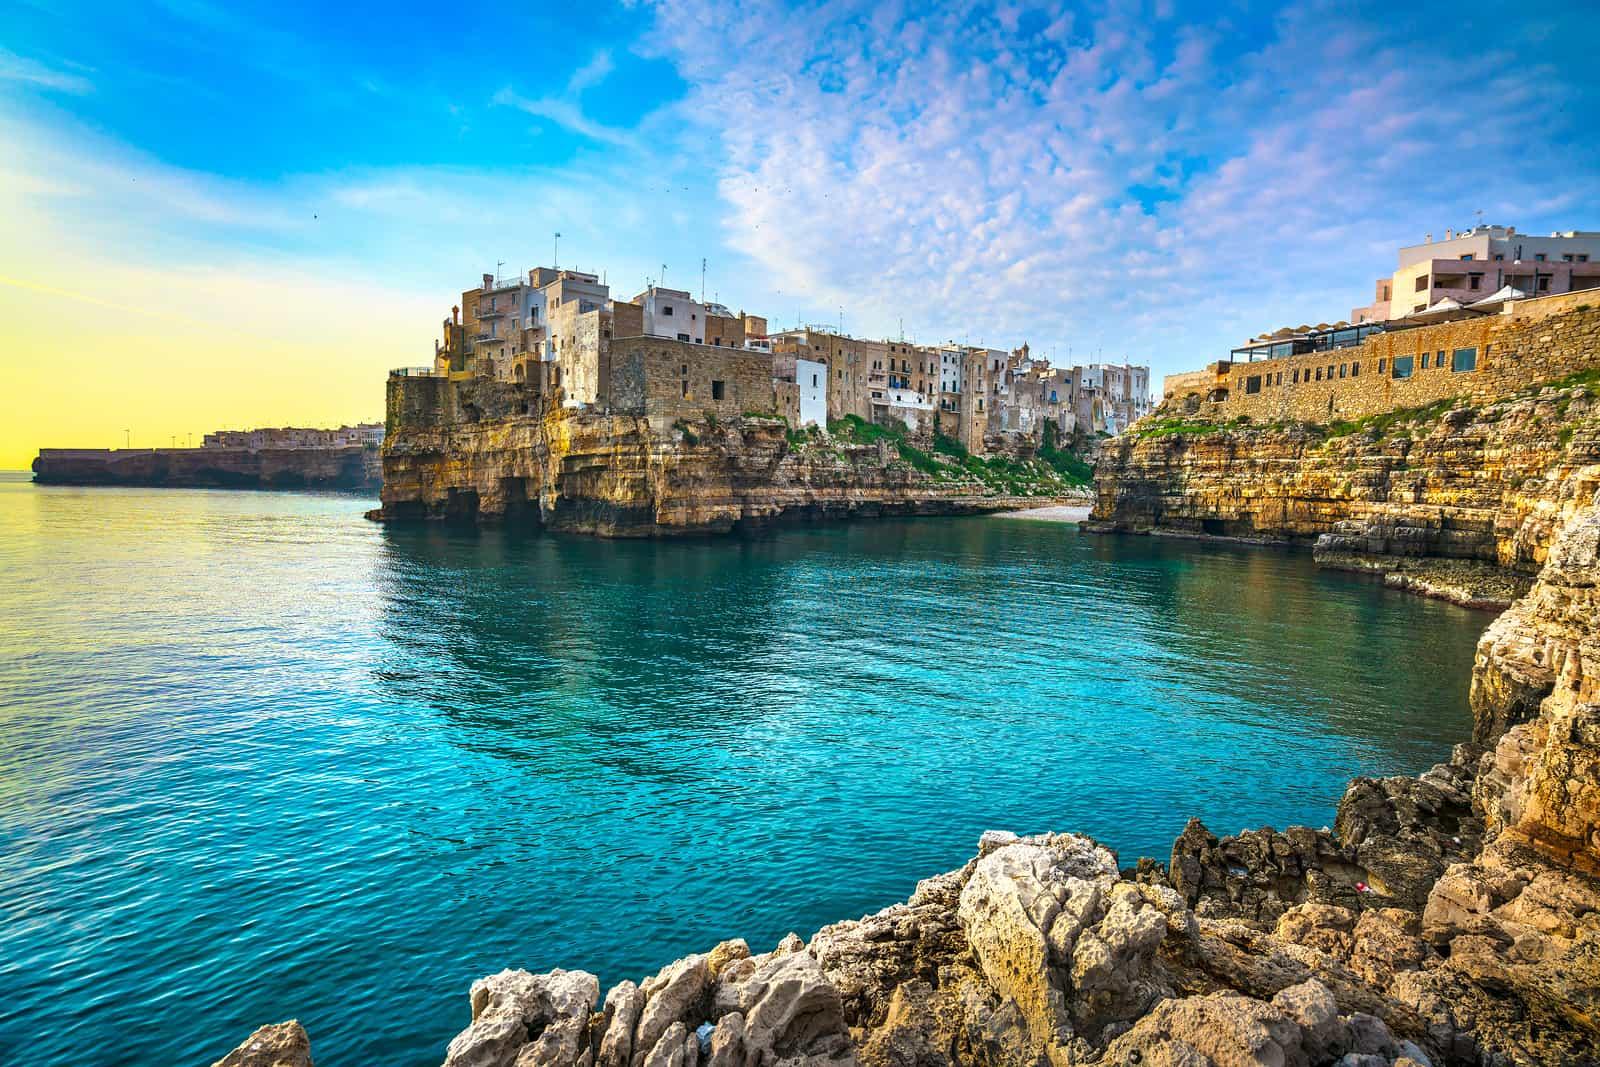 Polignano A Mare Village On The Rocks At Sunrise, Bari, Apulia,